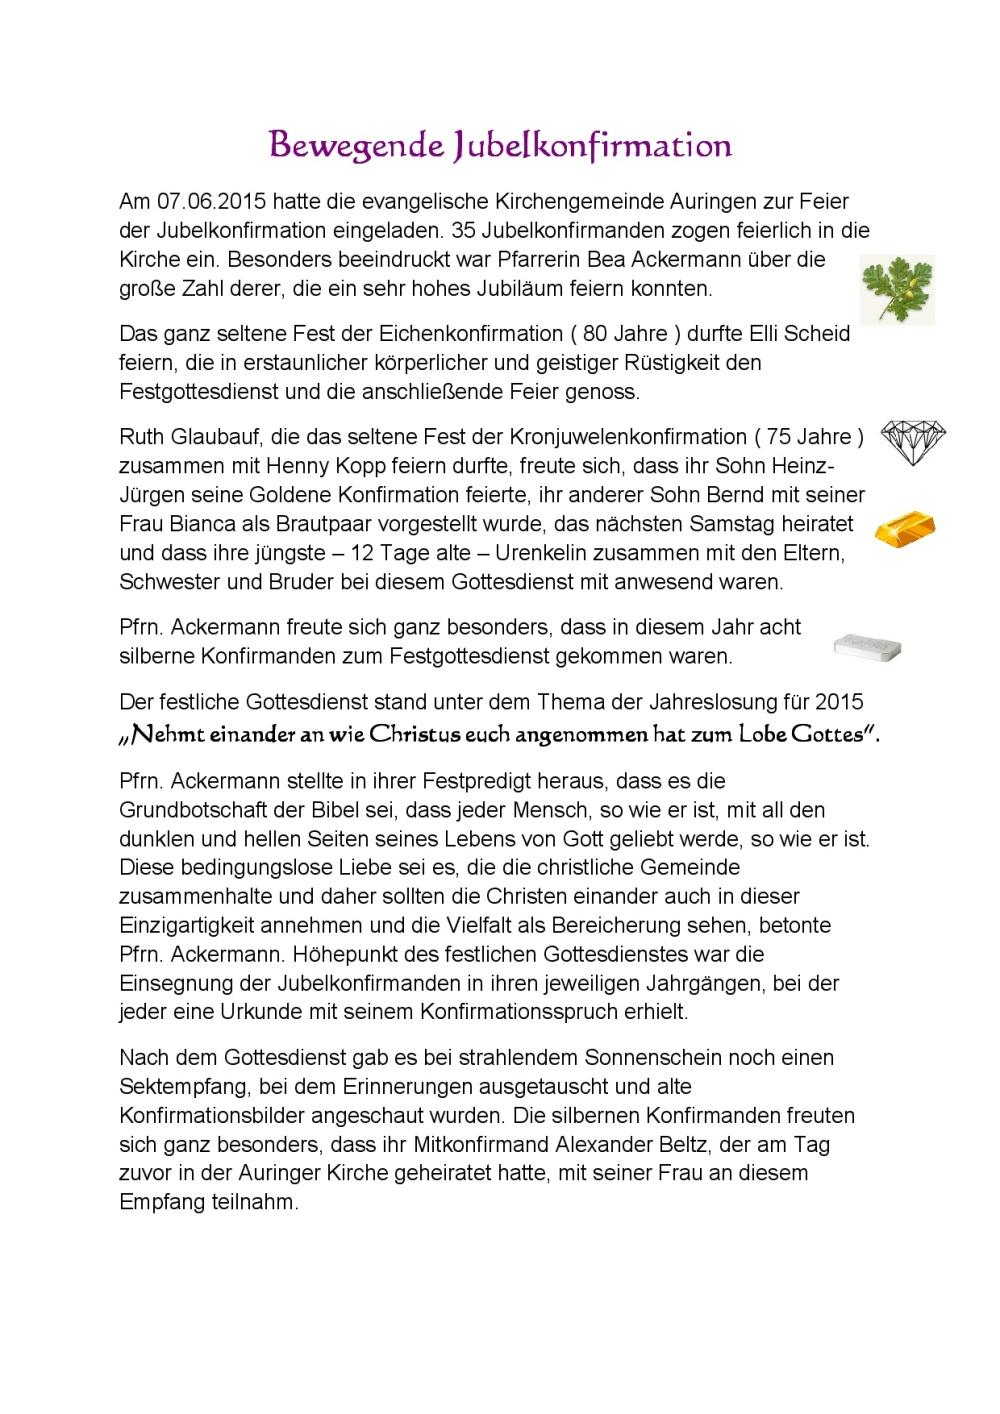 2015-06-07 Jubelkonfirmation-001